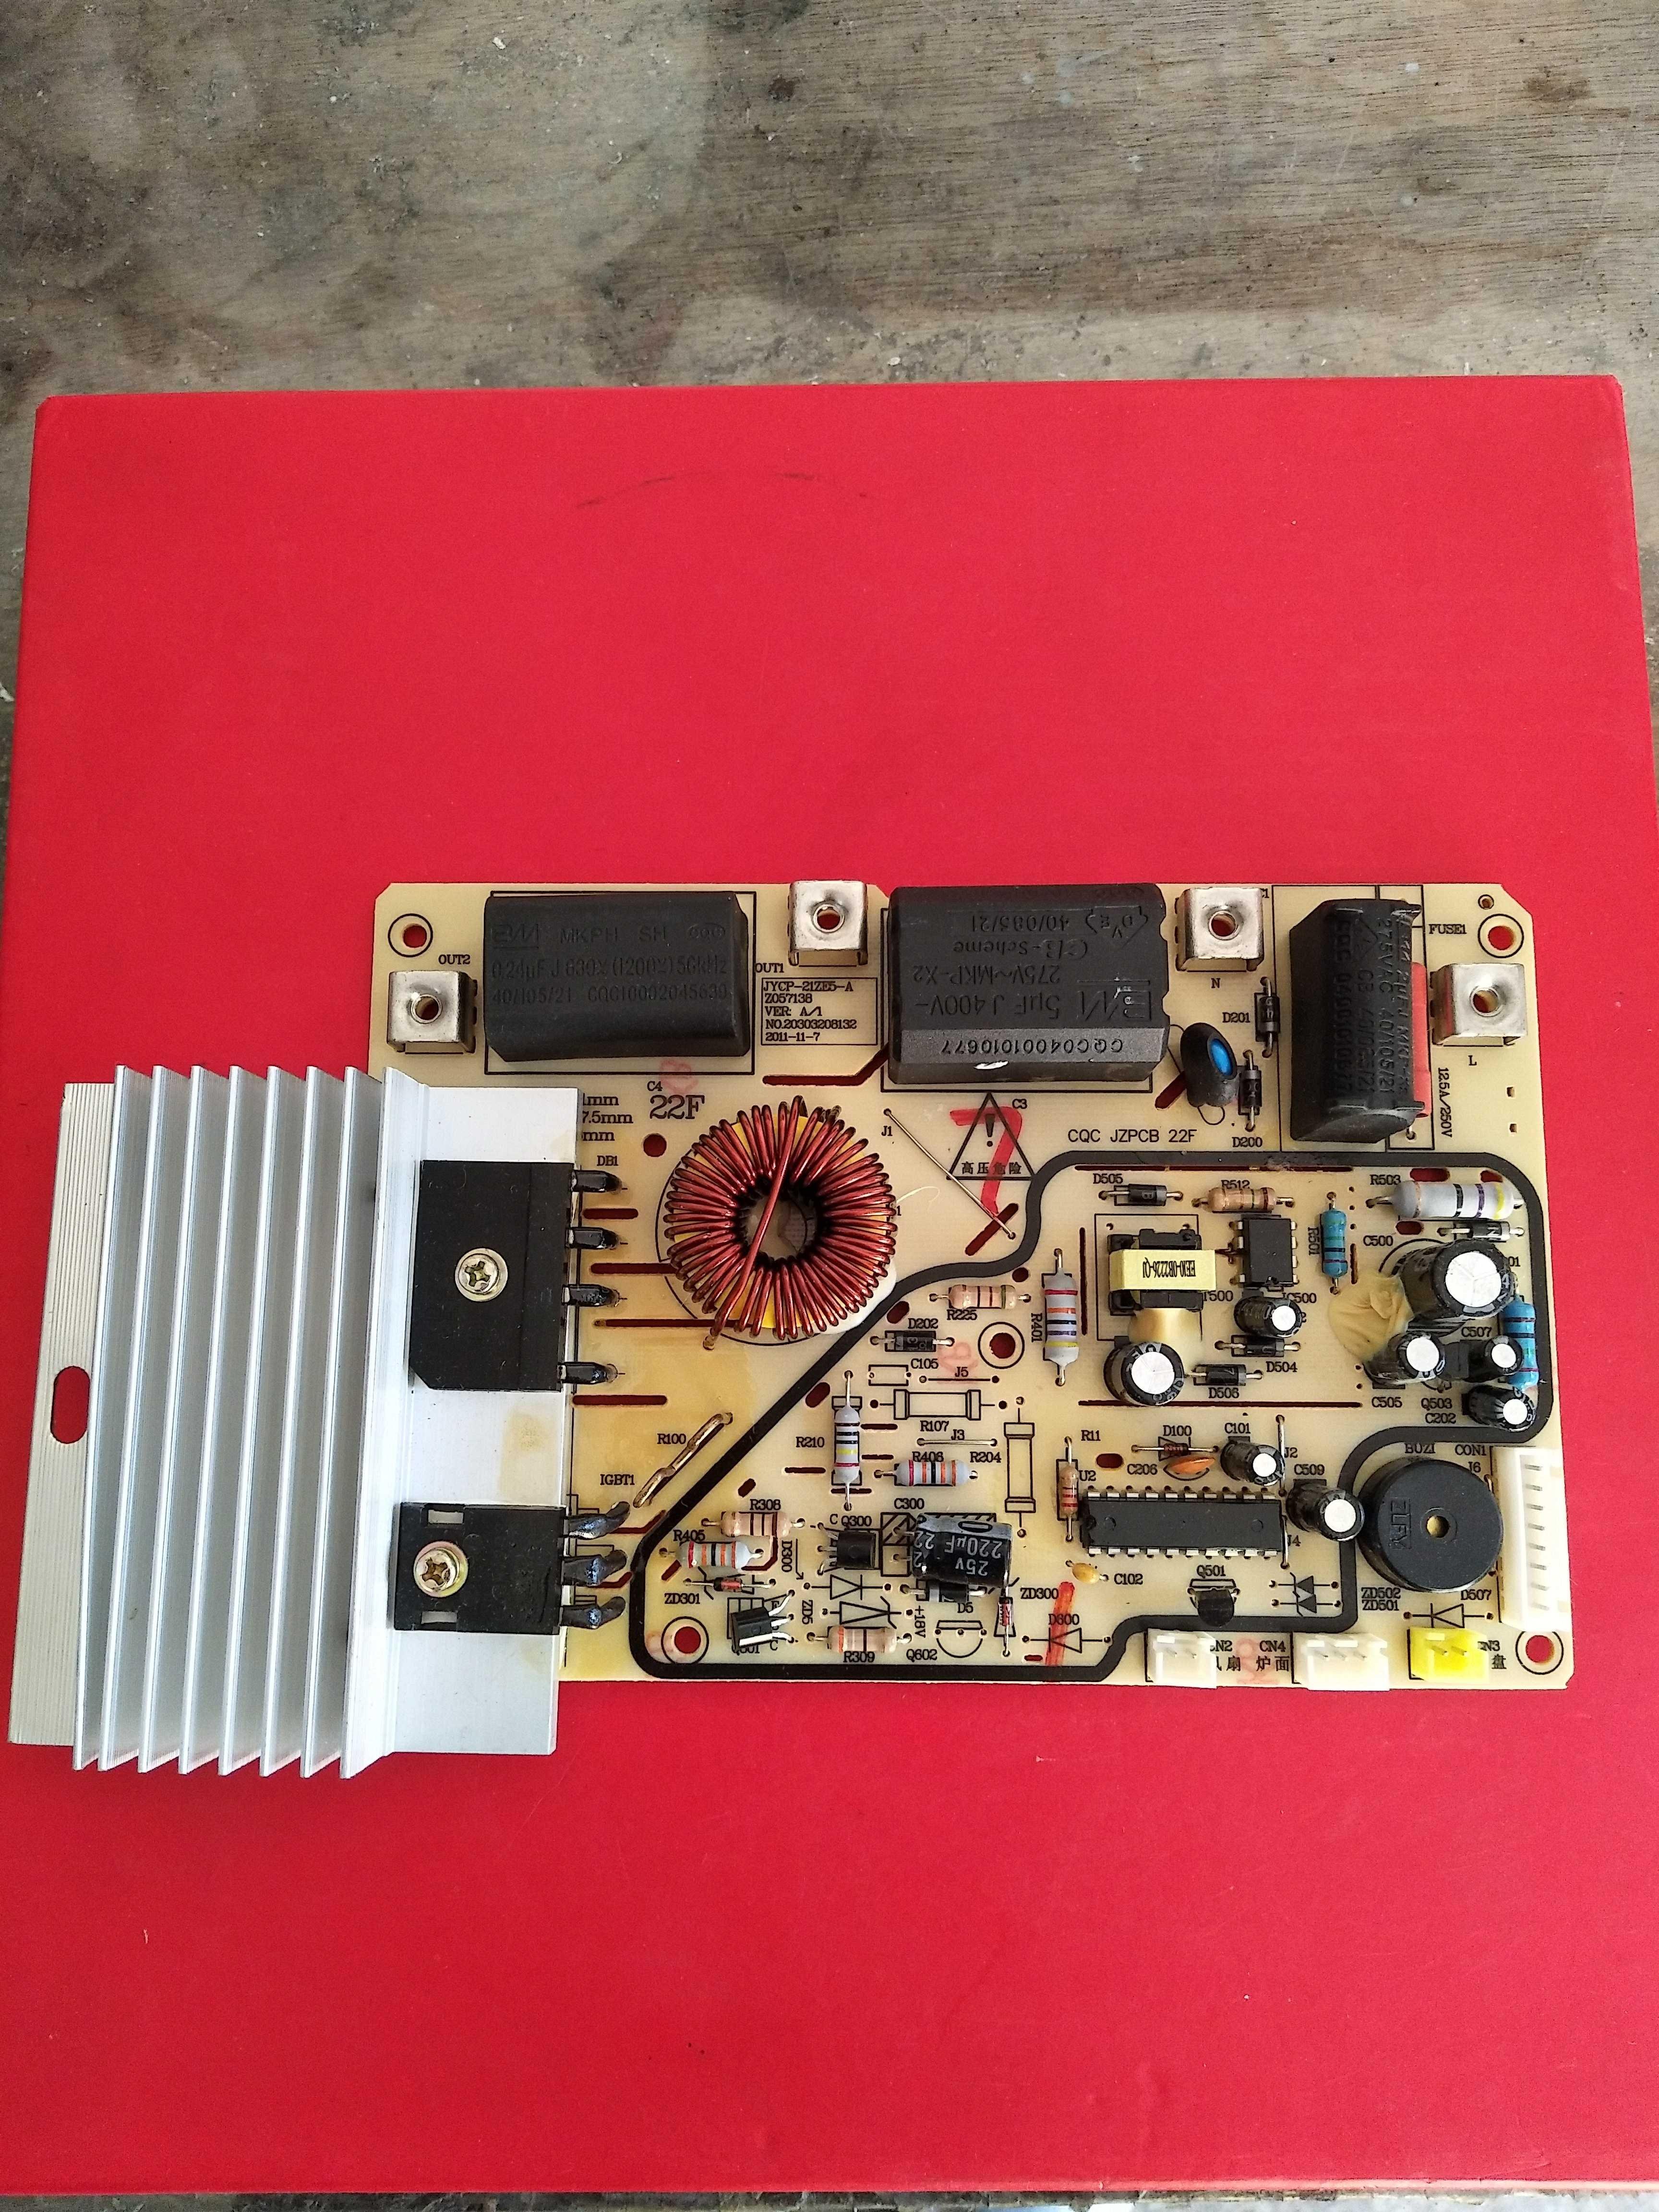 原厂九阳电磁炉配件JYC-21HS29-A 21HS33-A 21HS36-A主板电源板